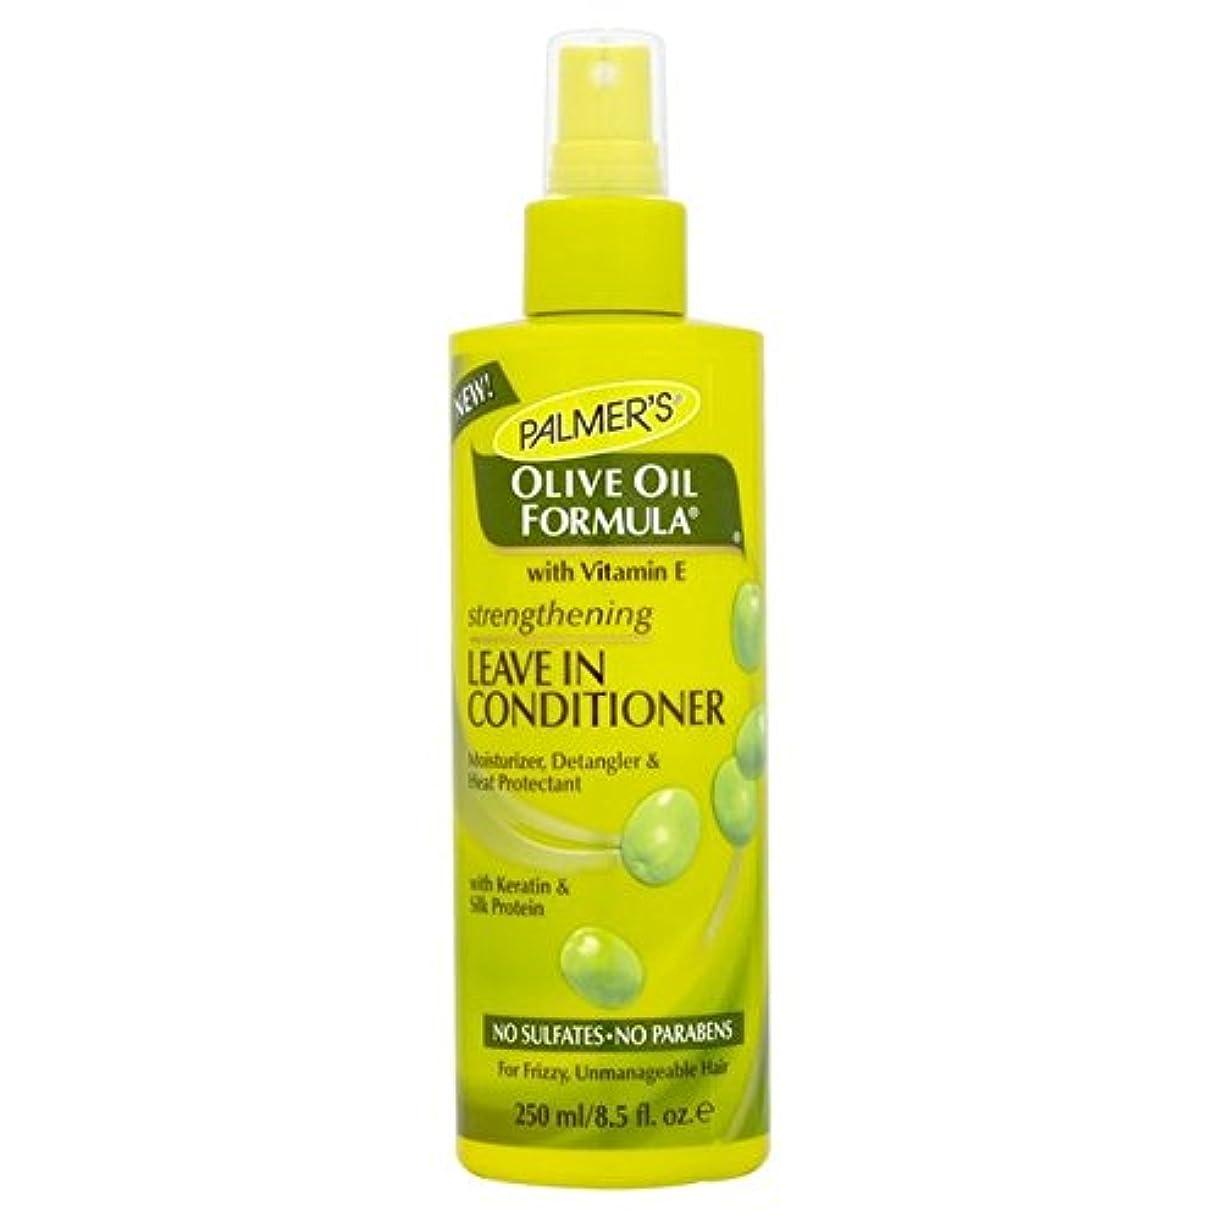 お願いします聖書苦難Palmer's Olive Oil Formula Strengthening Leave-in Conditioner 250ml (Pack of 6) - リーブインコンディショナー250を強化パーマーのオリーブオイル...